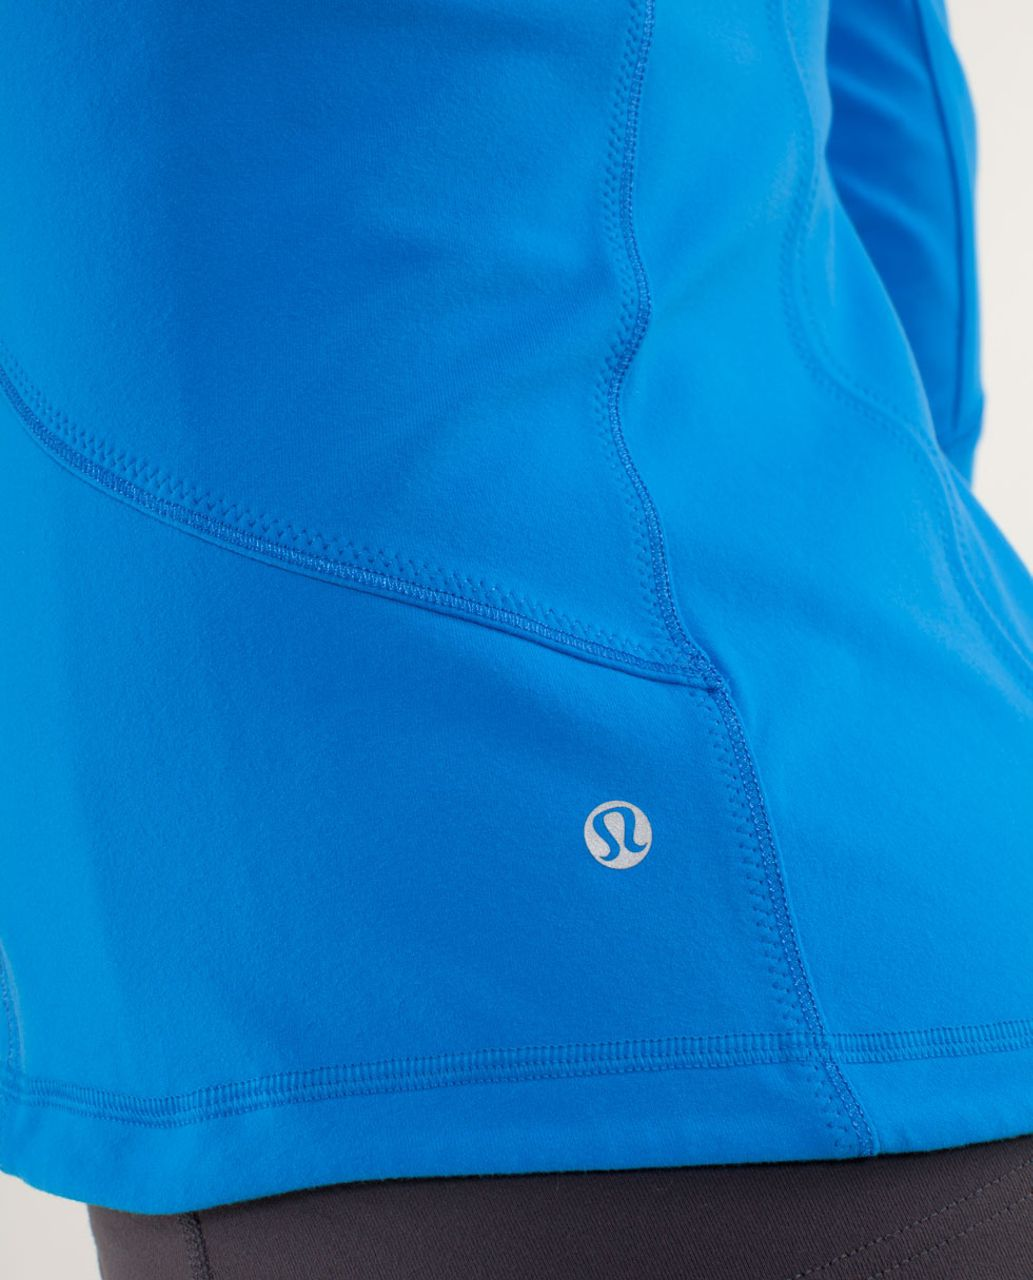 Lululemon Forme Jacket *Brushed - Beaming Blue